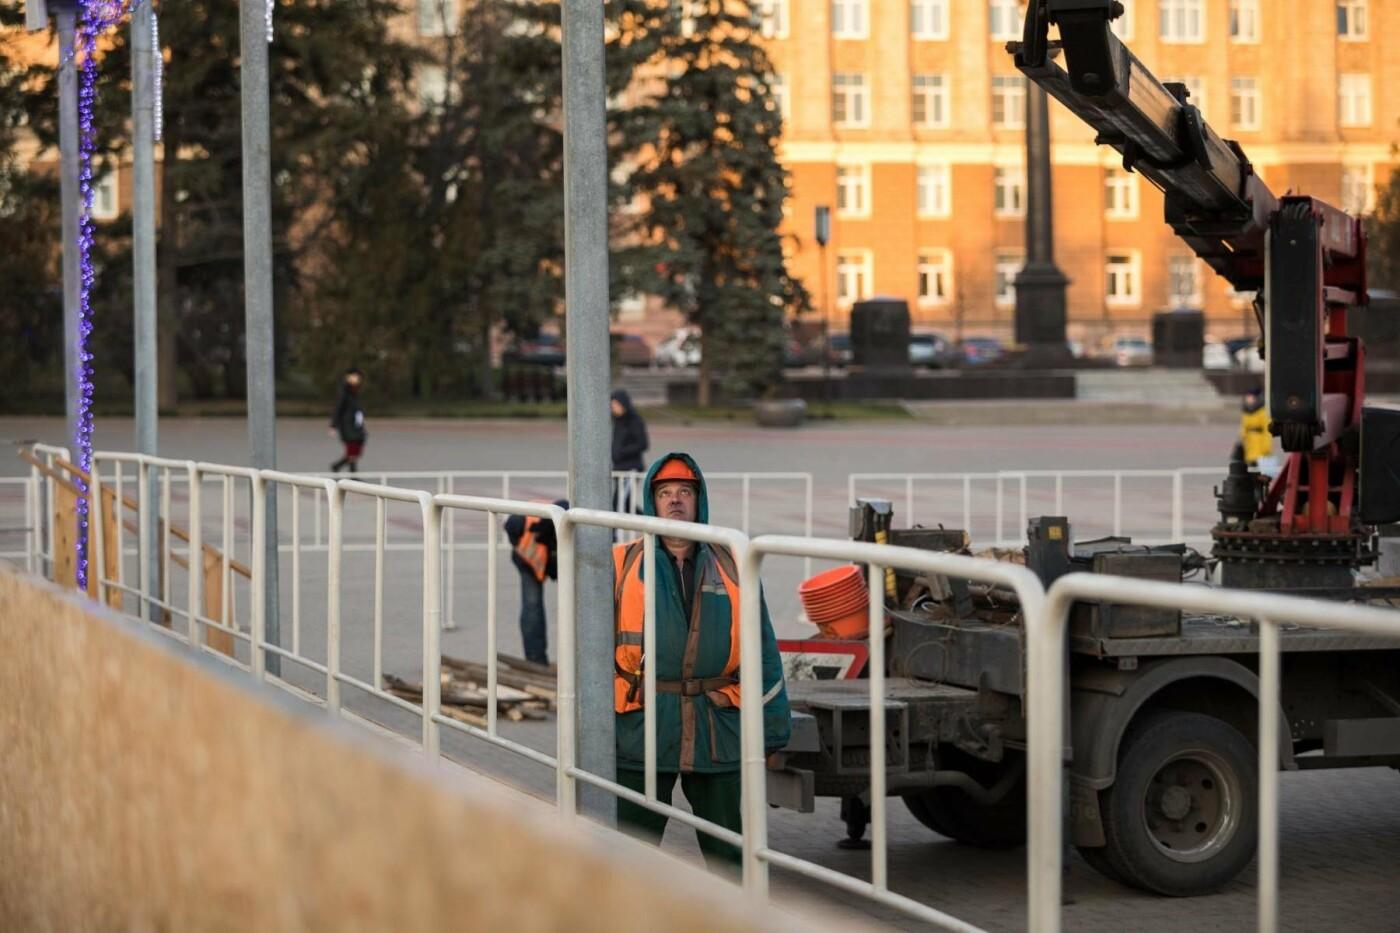 В соцсетях сообщили об установке ёлки на площади, но рабочие всё разобрали. Почему?, фото-8